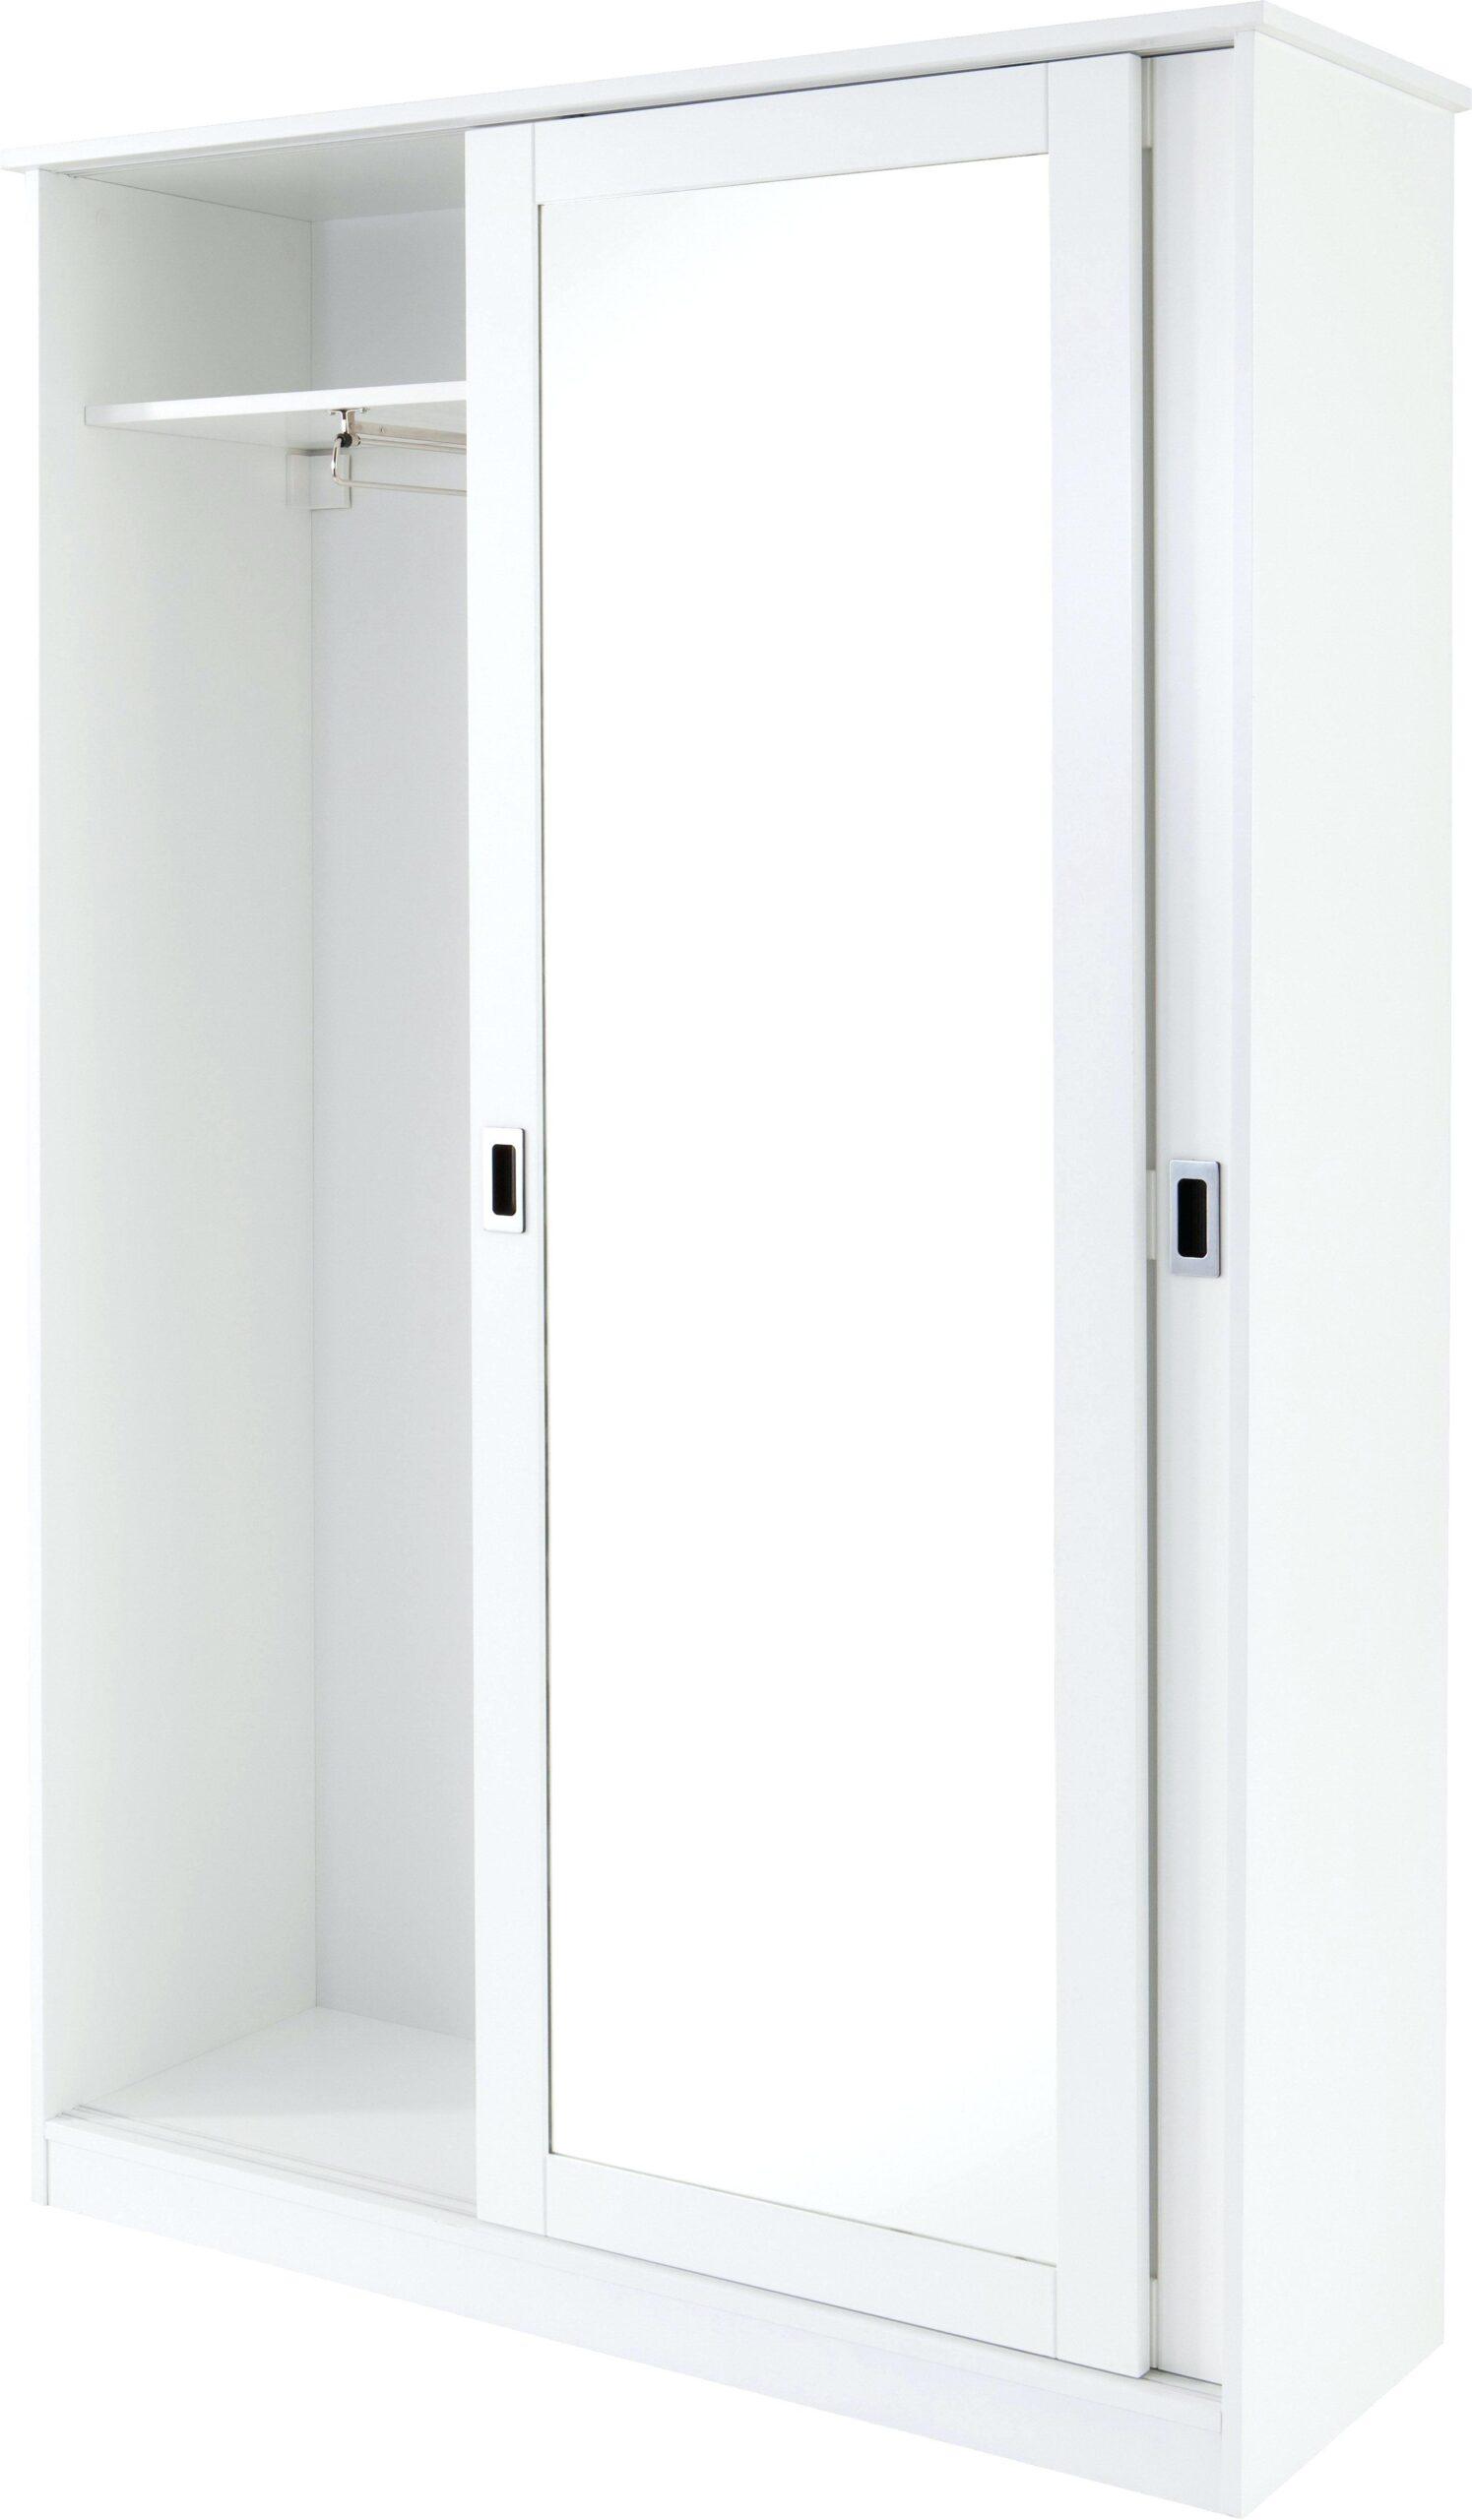 Full Size of Dielenschrank Weiß Weiss Ikea Weiße Betten Schlafzimmer Kommode Big Sofa Bett 160x200 Küche Hochglanz 140x200 Regal Metall Hängeschrank Wohnzimmer Mit Wohnzimmer Dielenschrank Weiß